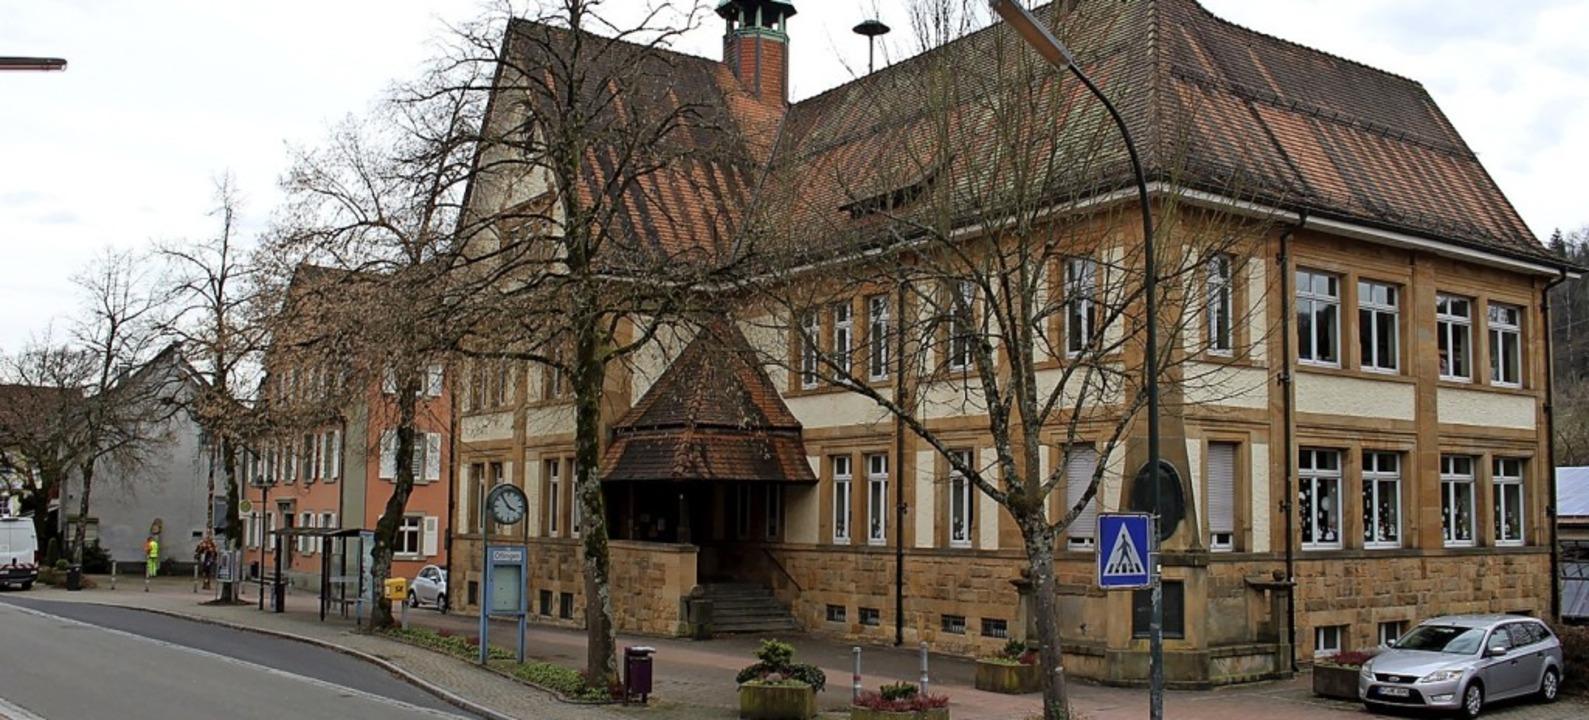 Der Öflinger Ortskern mit Schule und R...                                        | Foto: Hansjörg Bader